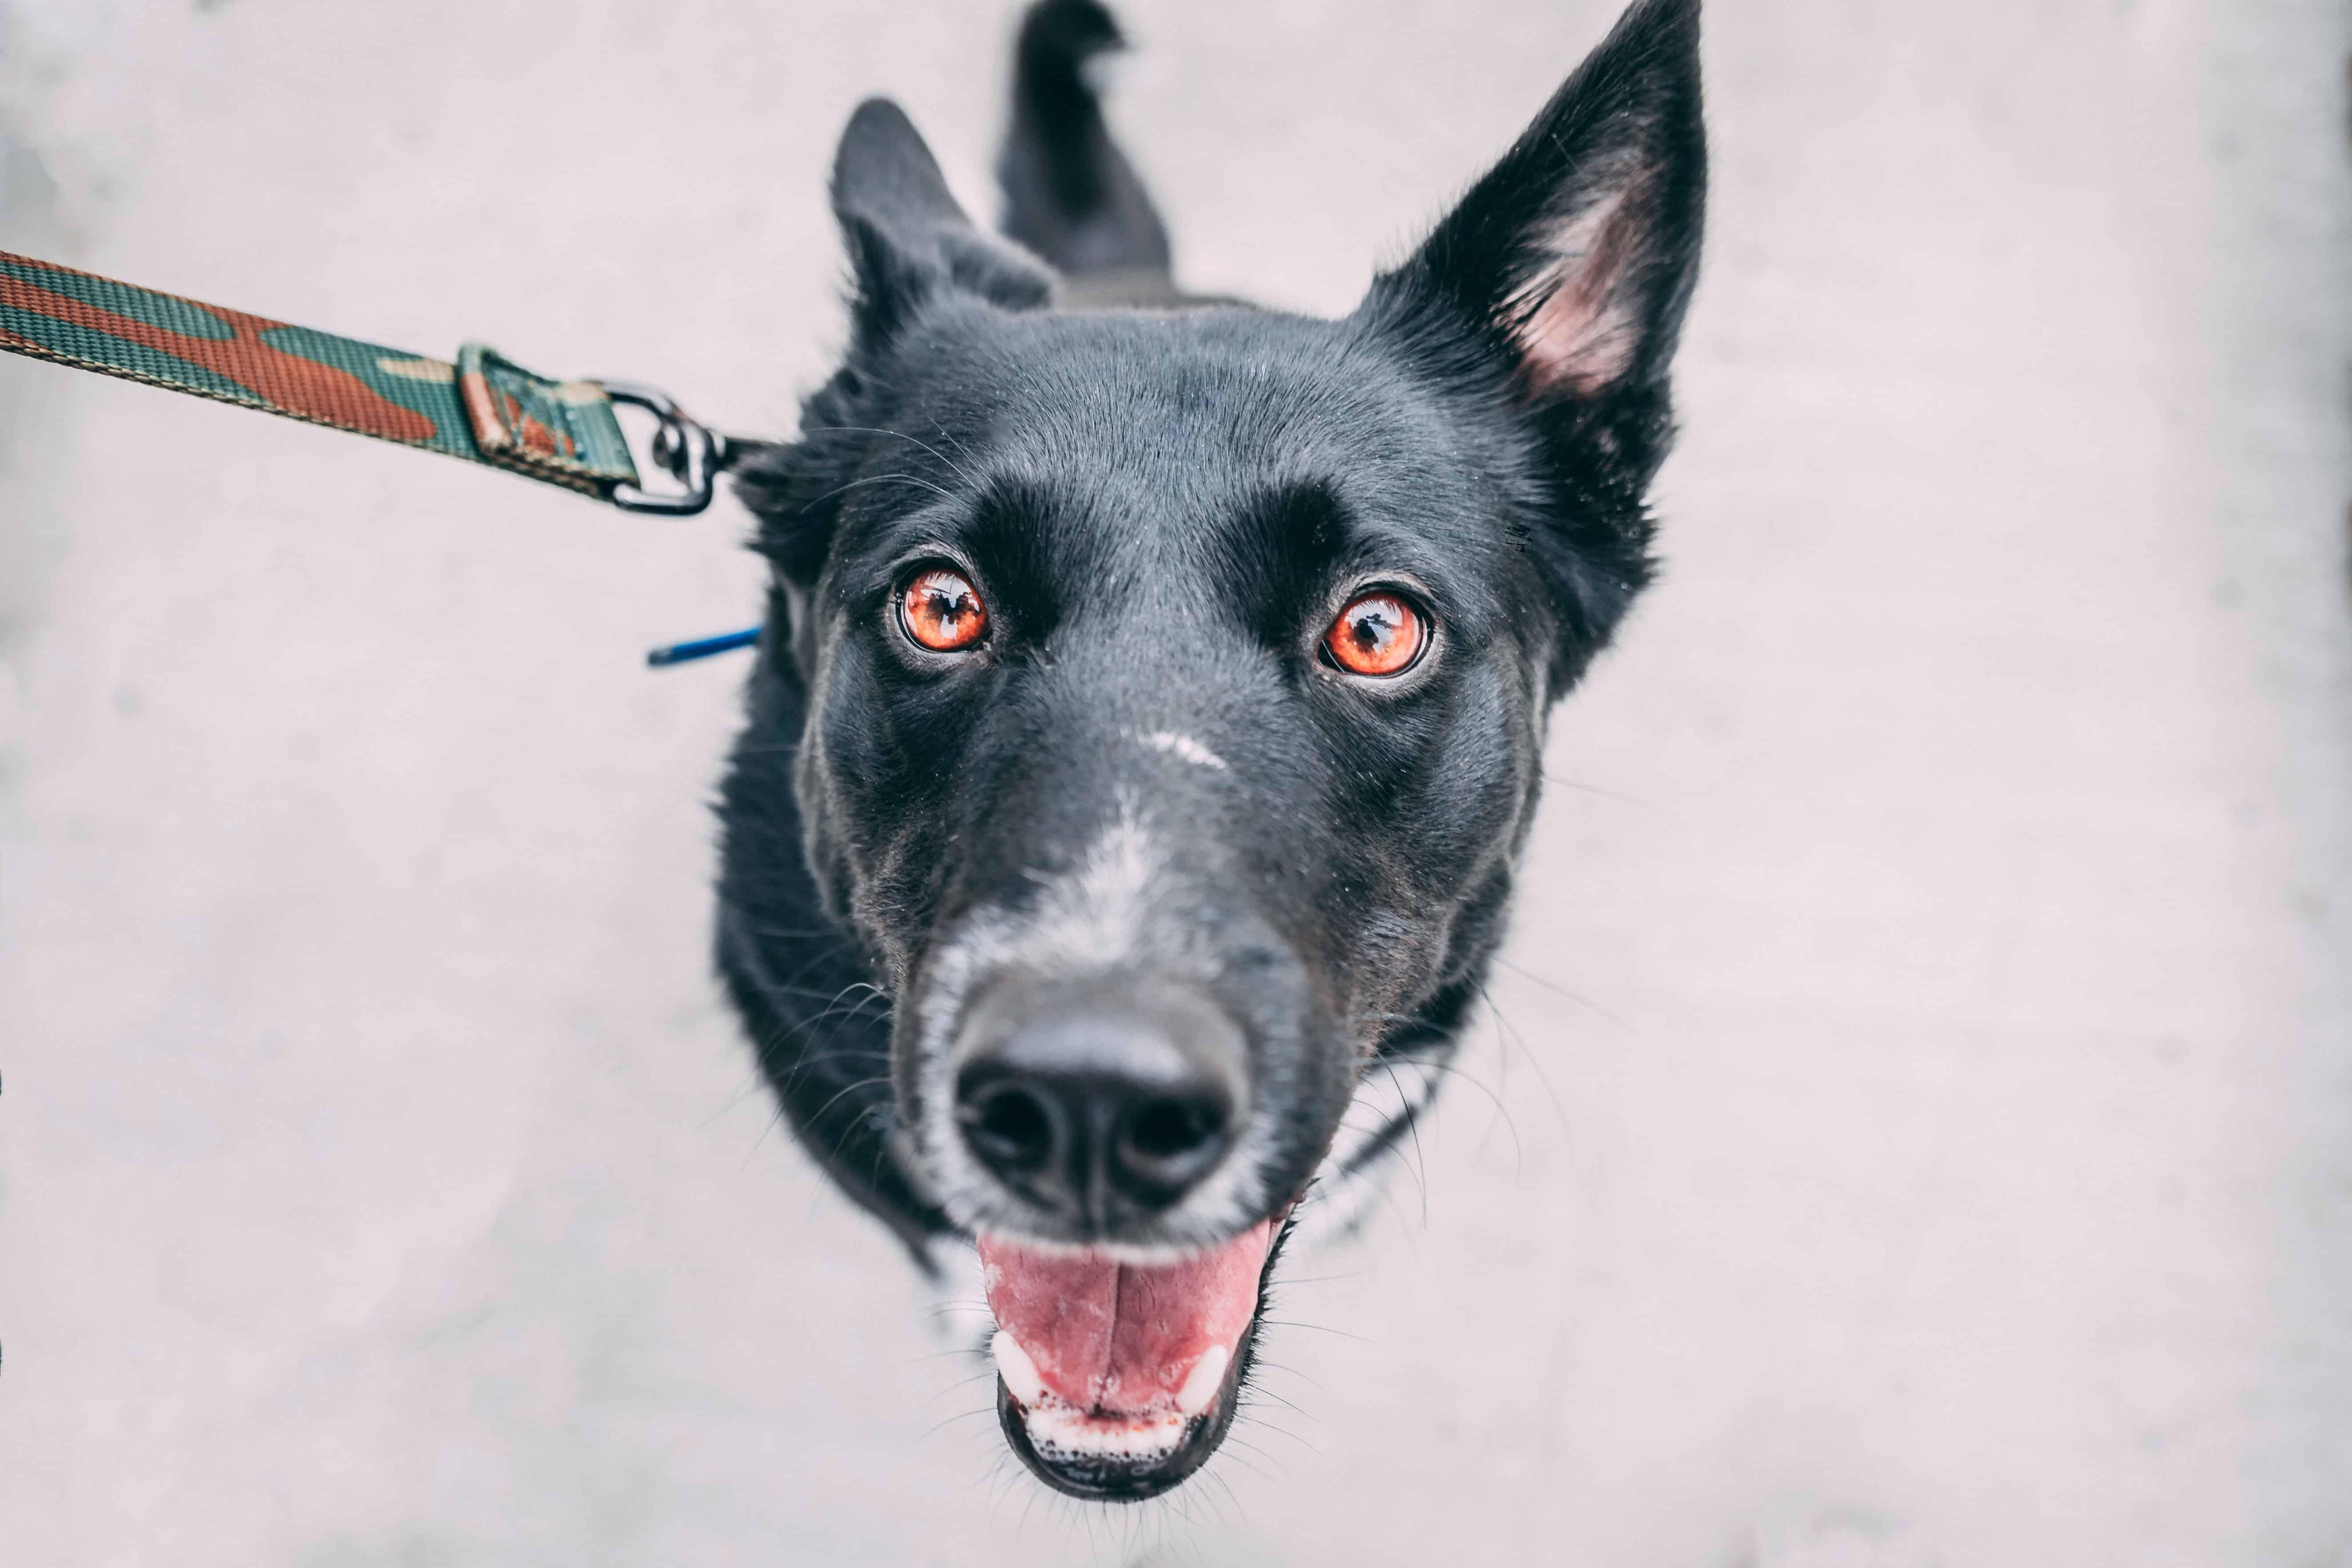 Balancekissen für Hunde: Trainingsmöglichkeit für deinen Vierbeiner